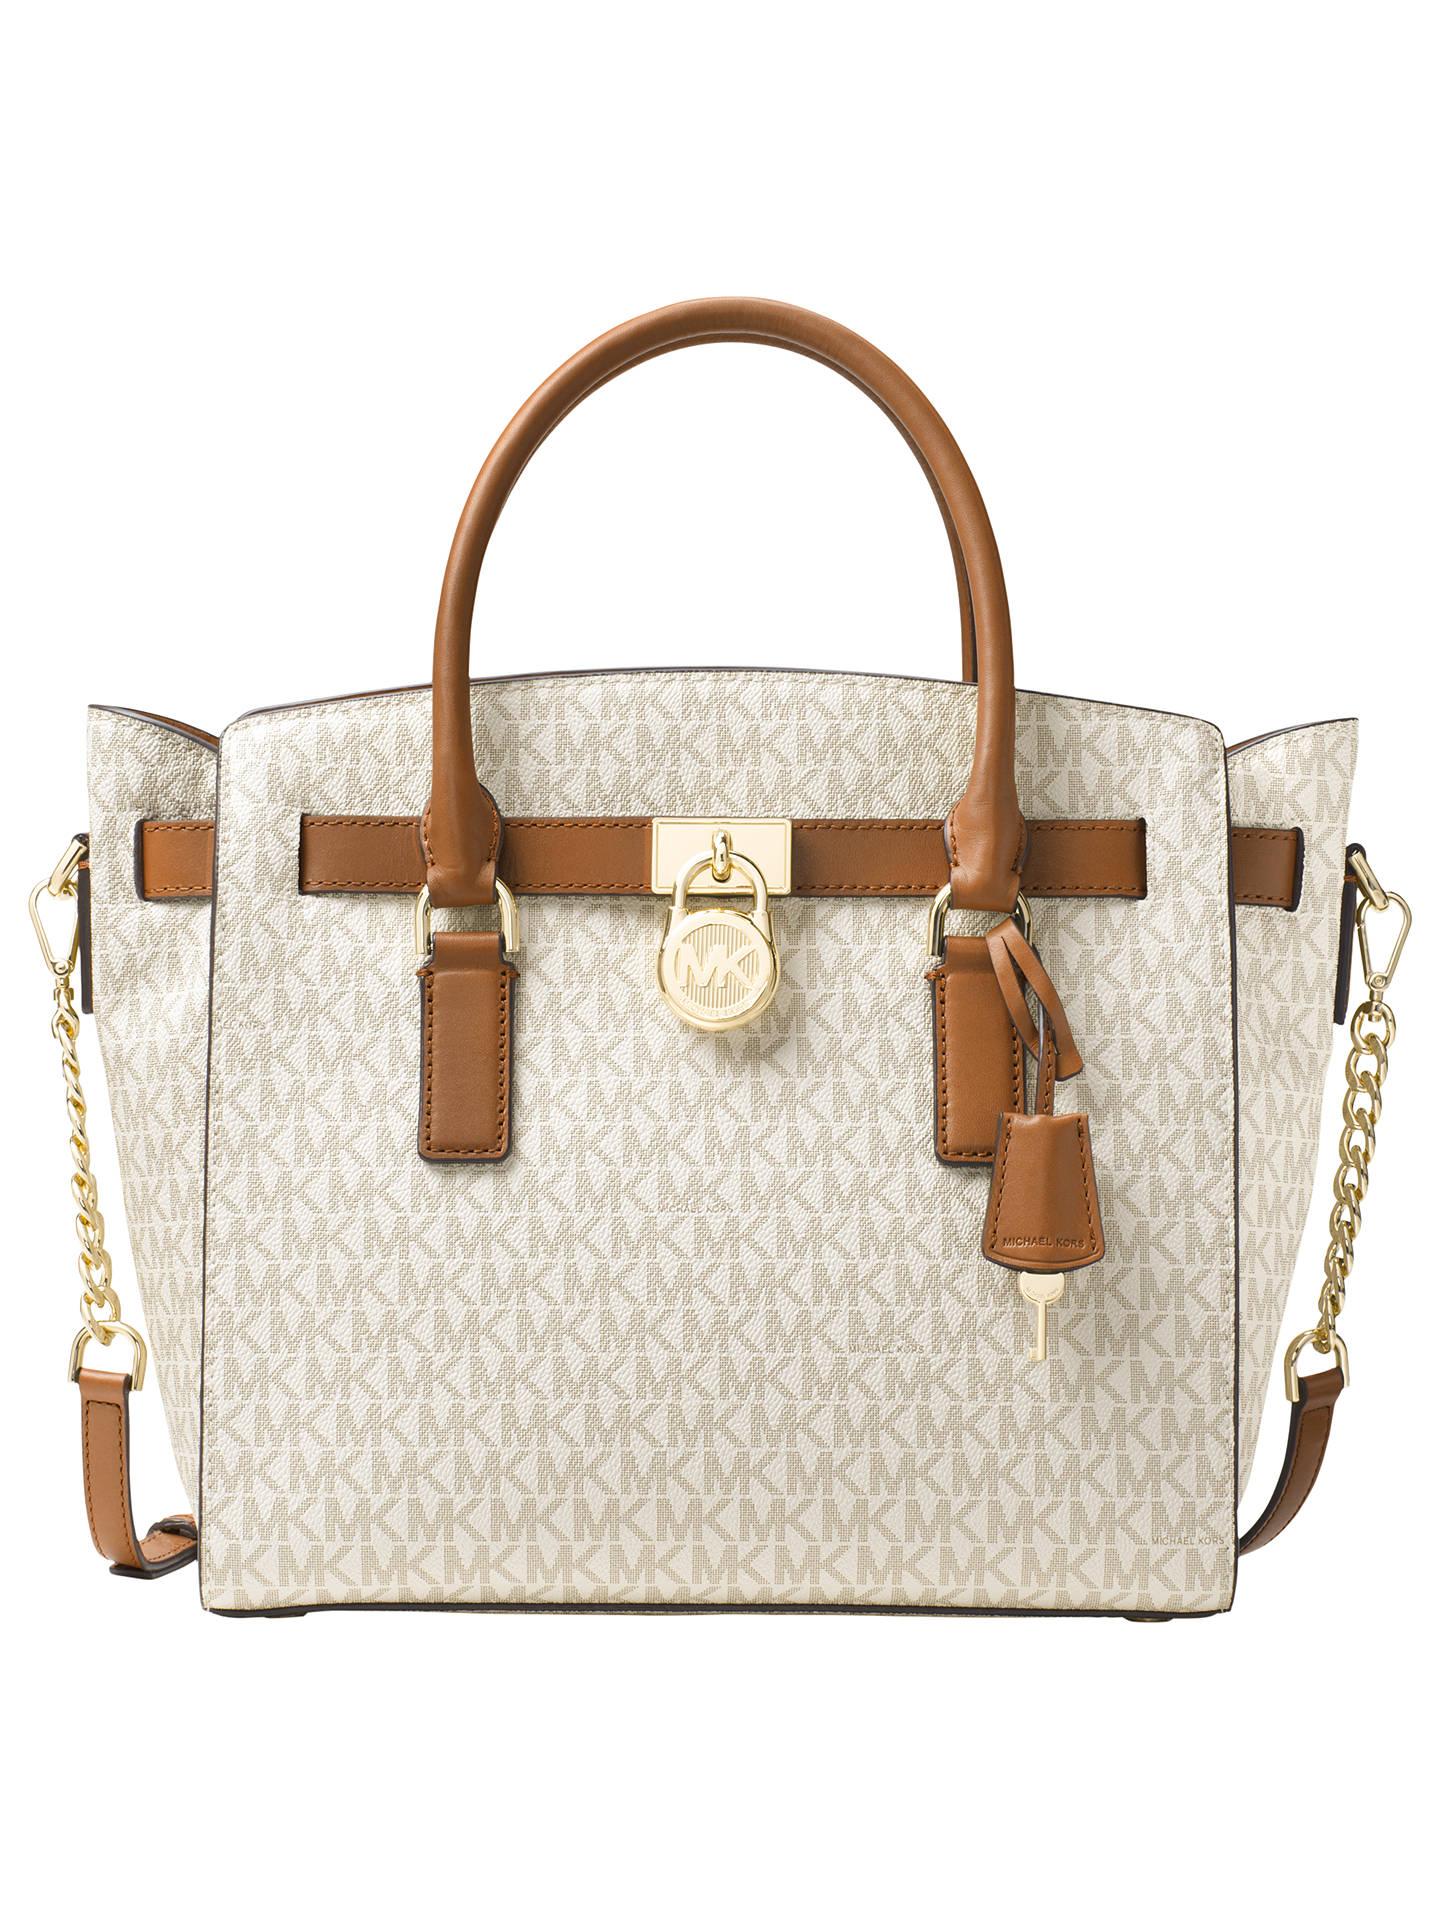 3086c2bfe30d7 ... LUGGAGE BuyMICHAEL Michael Kors Hamilton Large EastWest Tote Bag